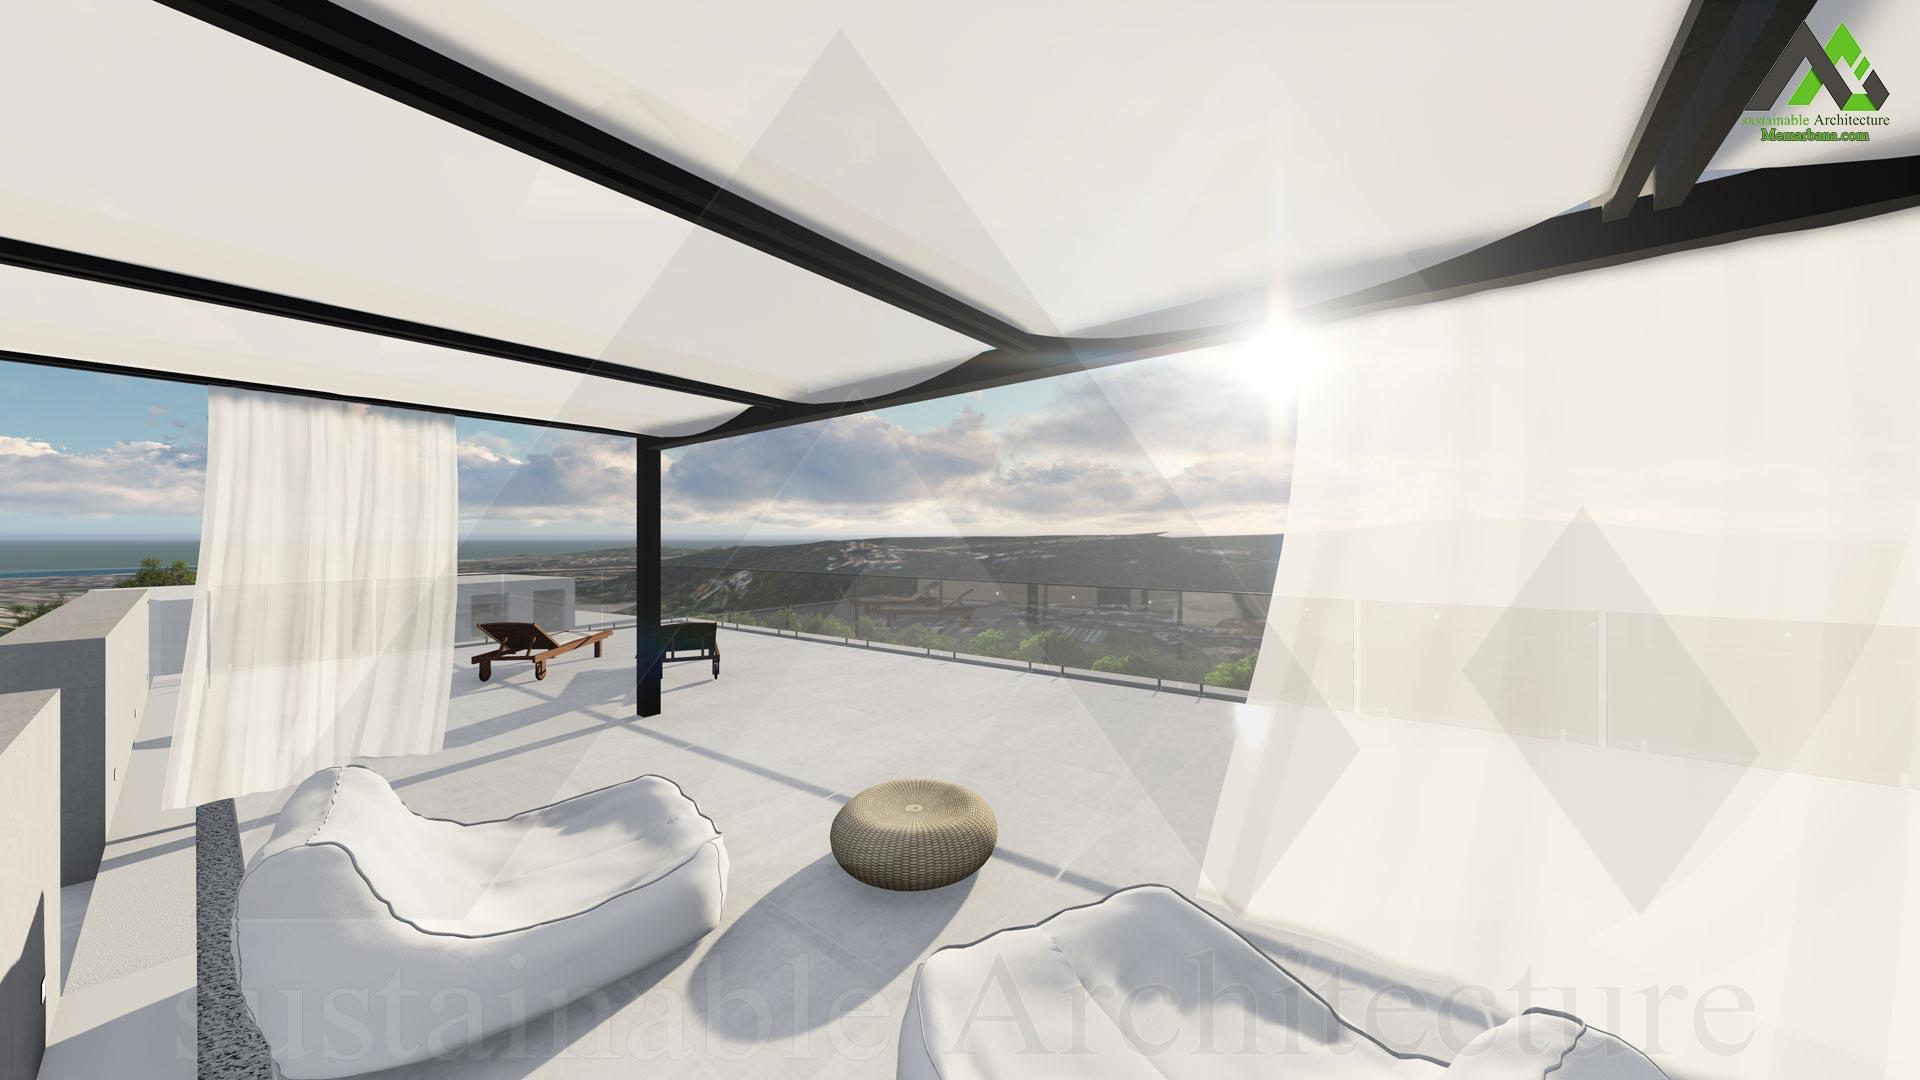 طراحی پلان خانه ویلایی چهار طبقه